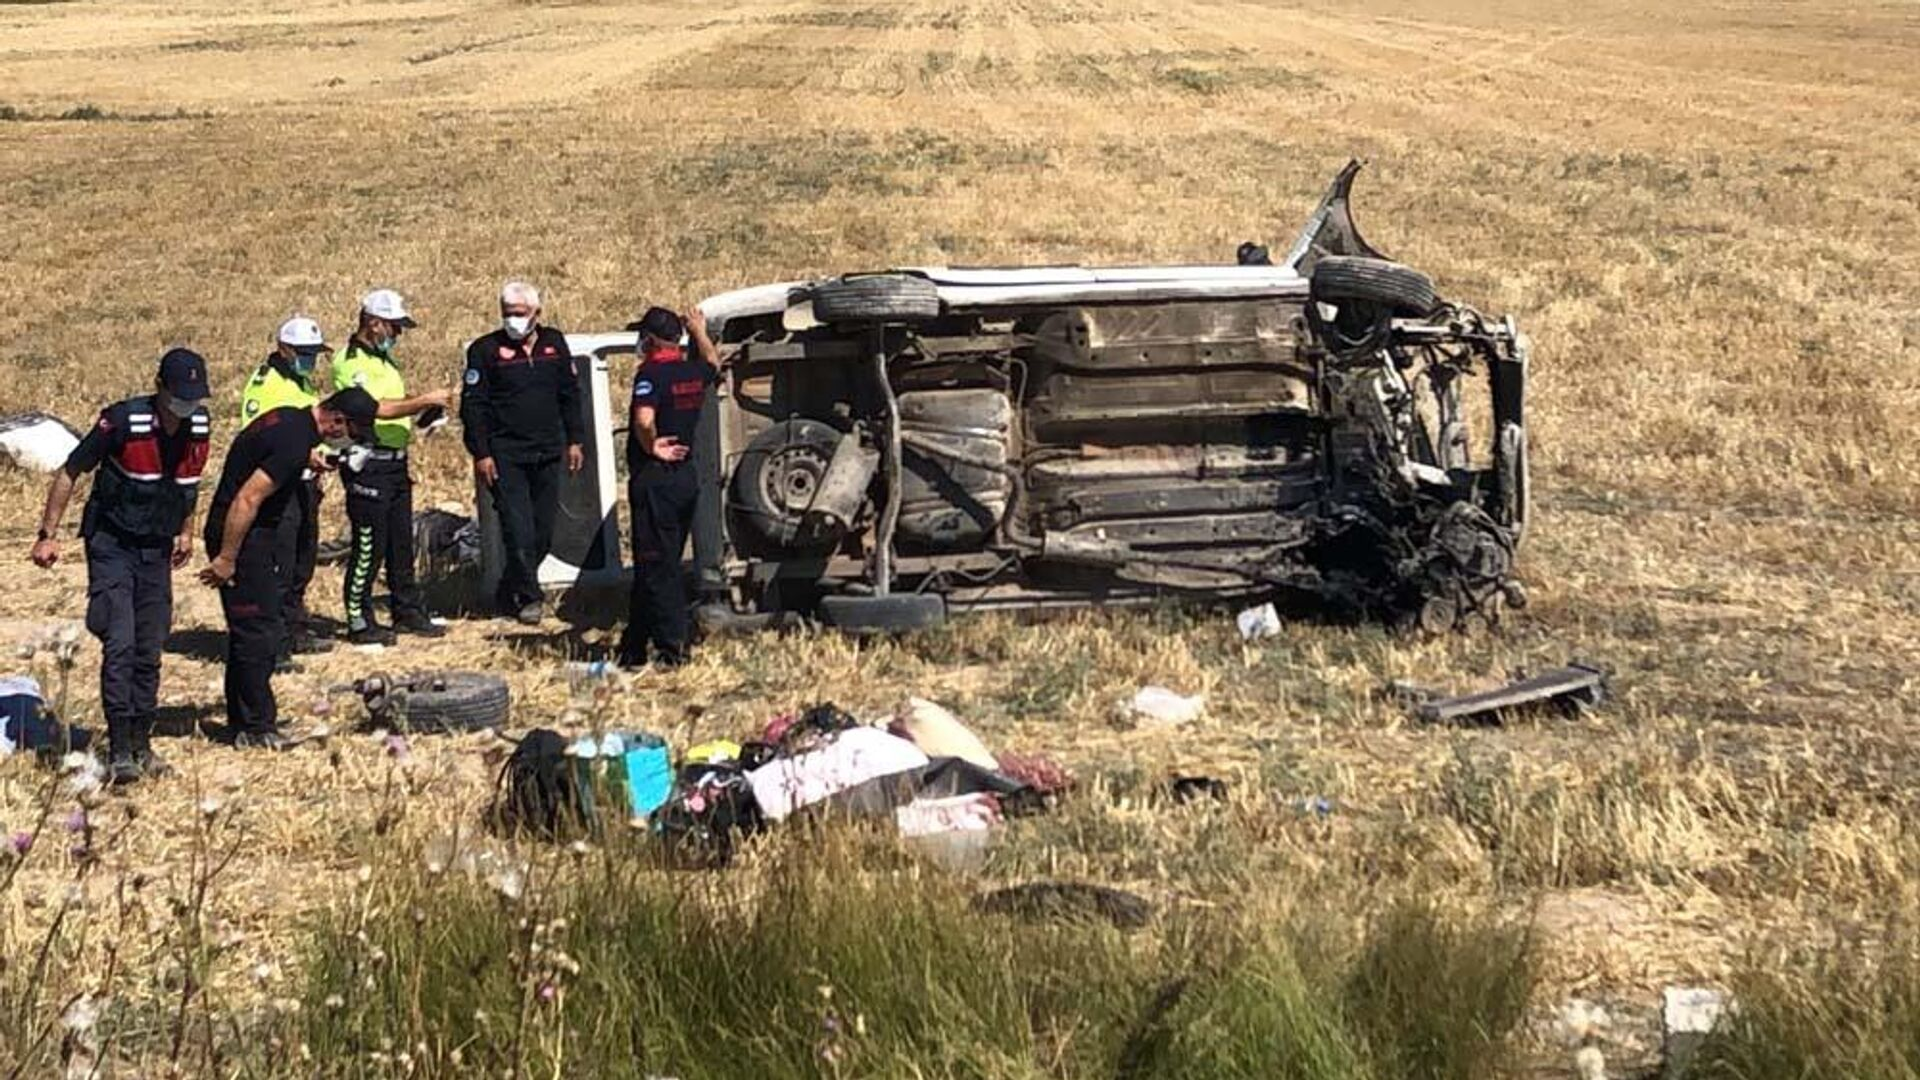 Kayseri'de kaza: 4 ölü, 10 yaralı - Sputnik Türkiye, 1920, 19.08.2021